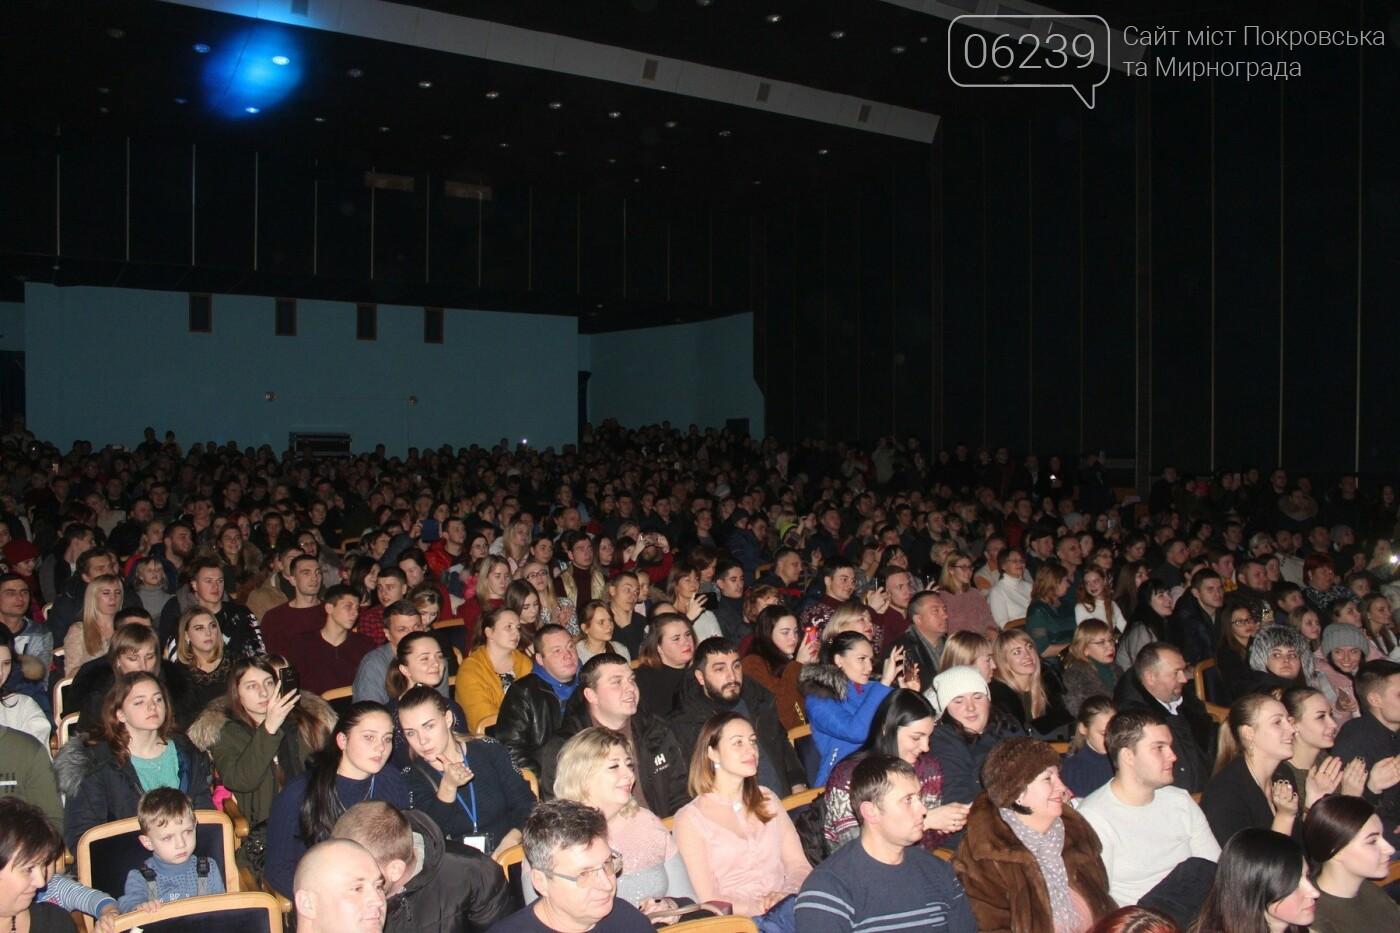 В Покровске выступила популярная украинская группа KAZKA, фото-12